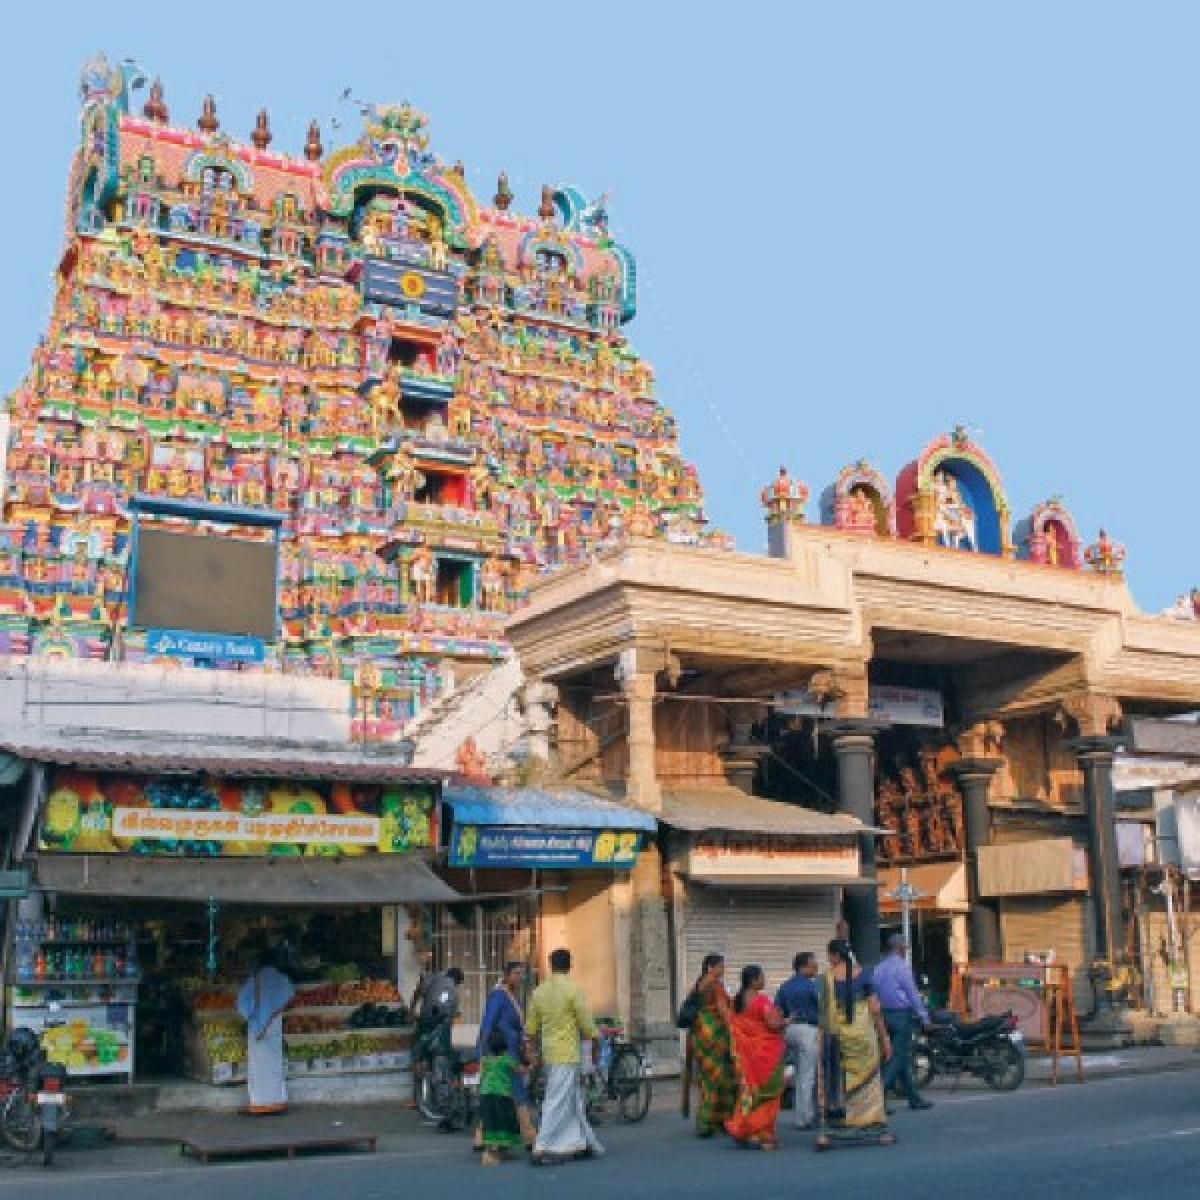 நாரதர் உலா - அறநிலையத்துறையின் அலட்சியம்... அதிருப்தியில் பக்தர்கள்!